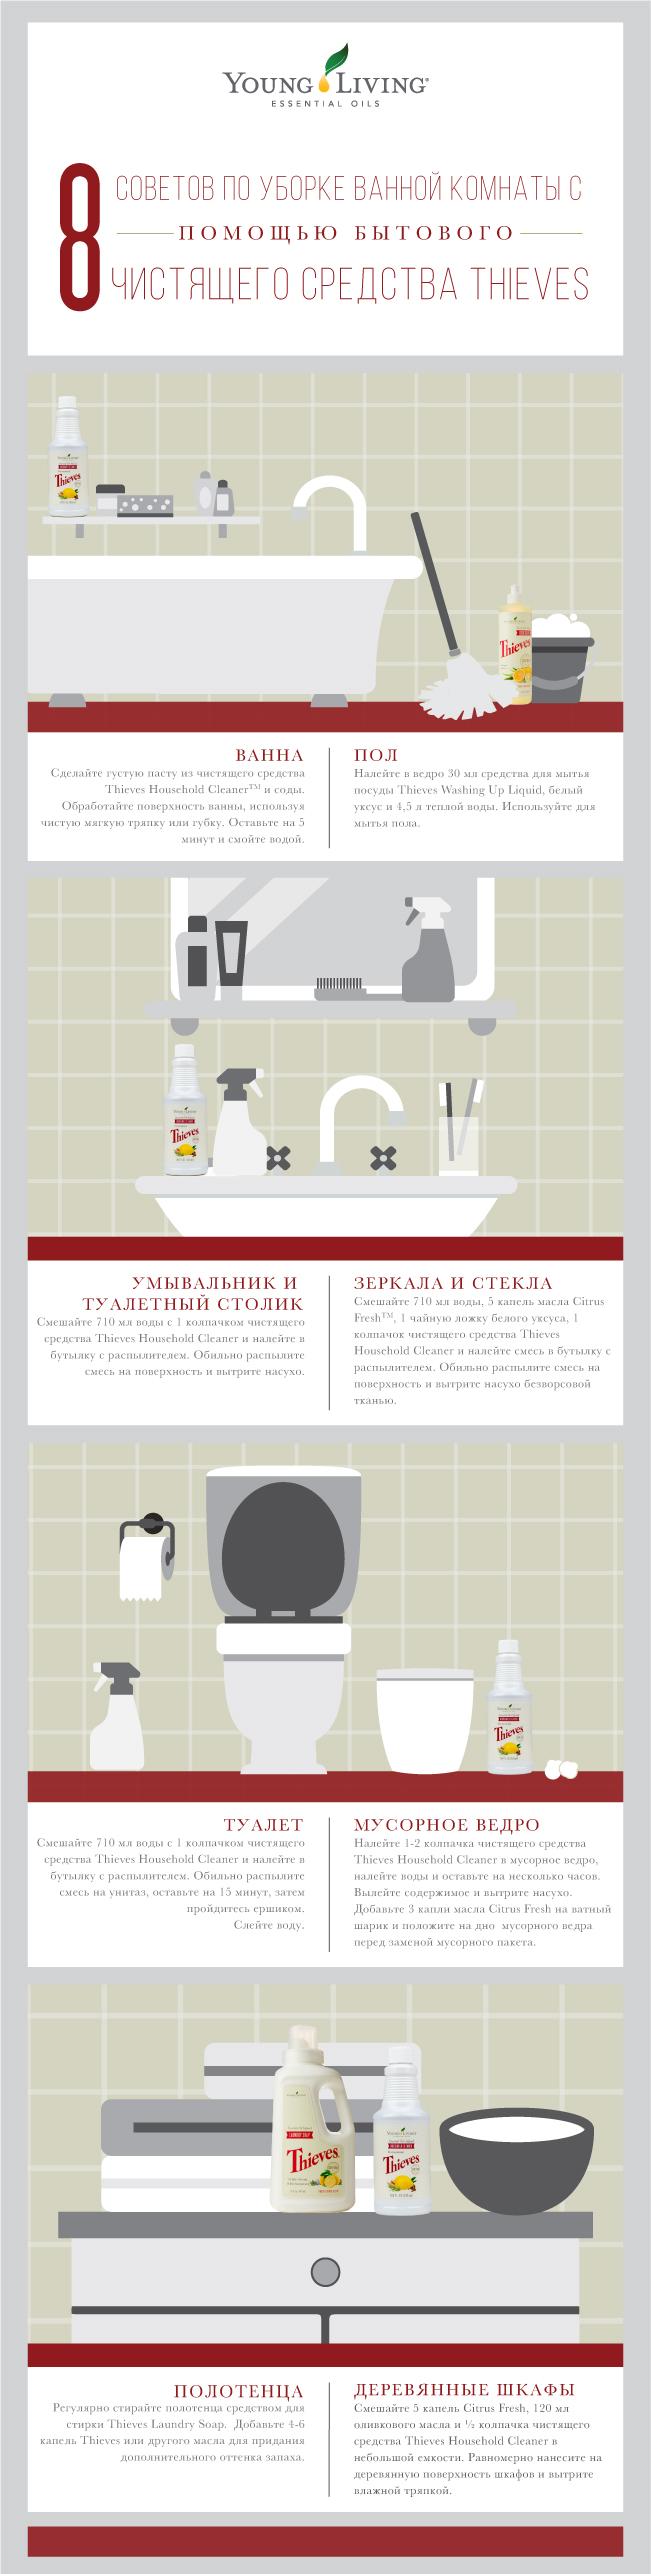 8 советов по уборке ванной комнаты с помощью бытового чистящего средства Thieves